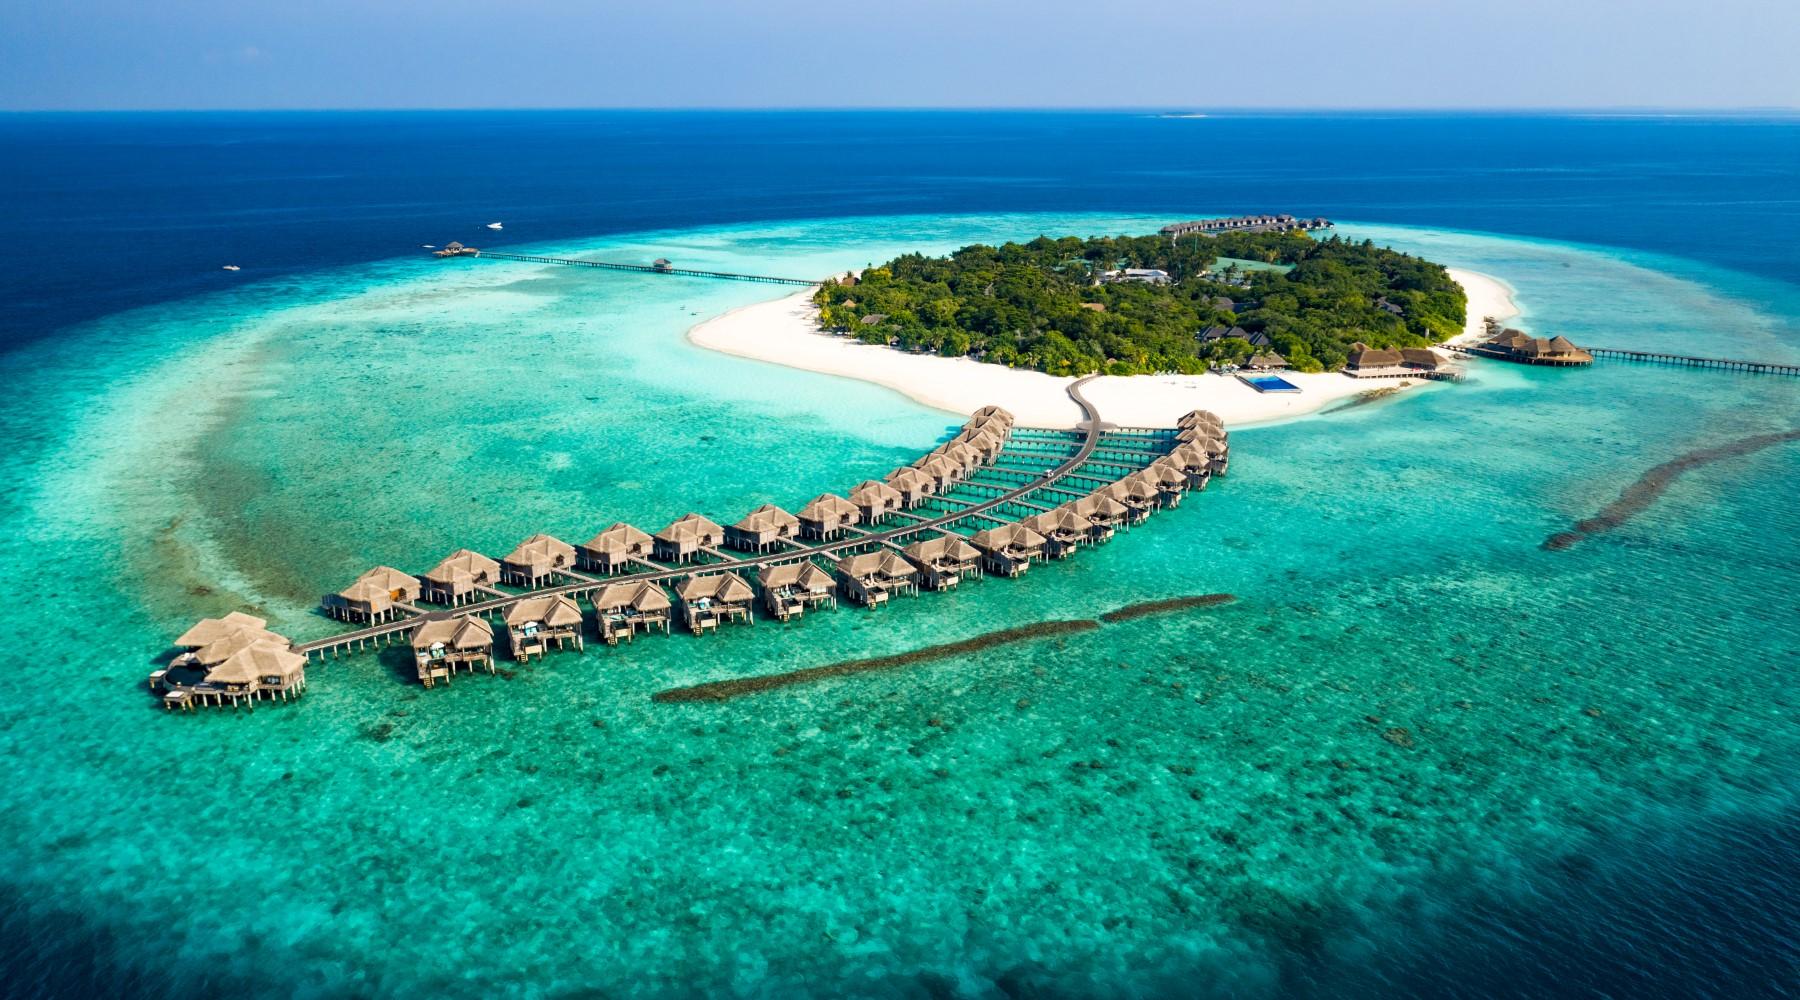 JA Manafaru Malediwy